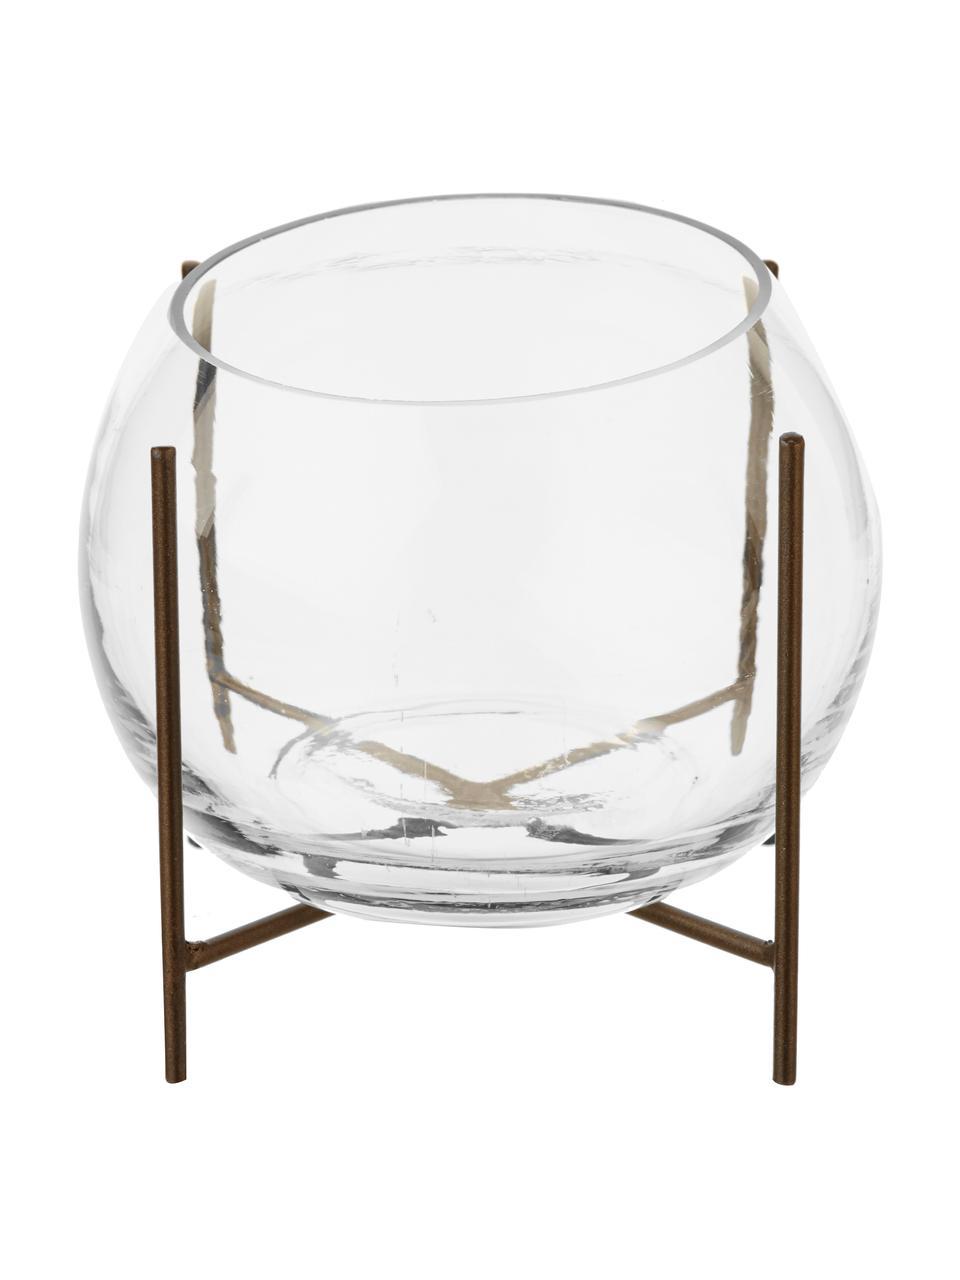 Kleine Kugel-Vase Ada mit Metallgestell, Gestell: Metall, beschichtet, Vase: Glas, Messingfarben, Transparent, Ø 8 x H 11 cm